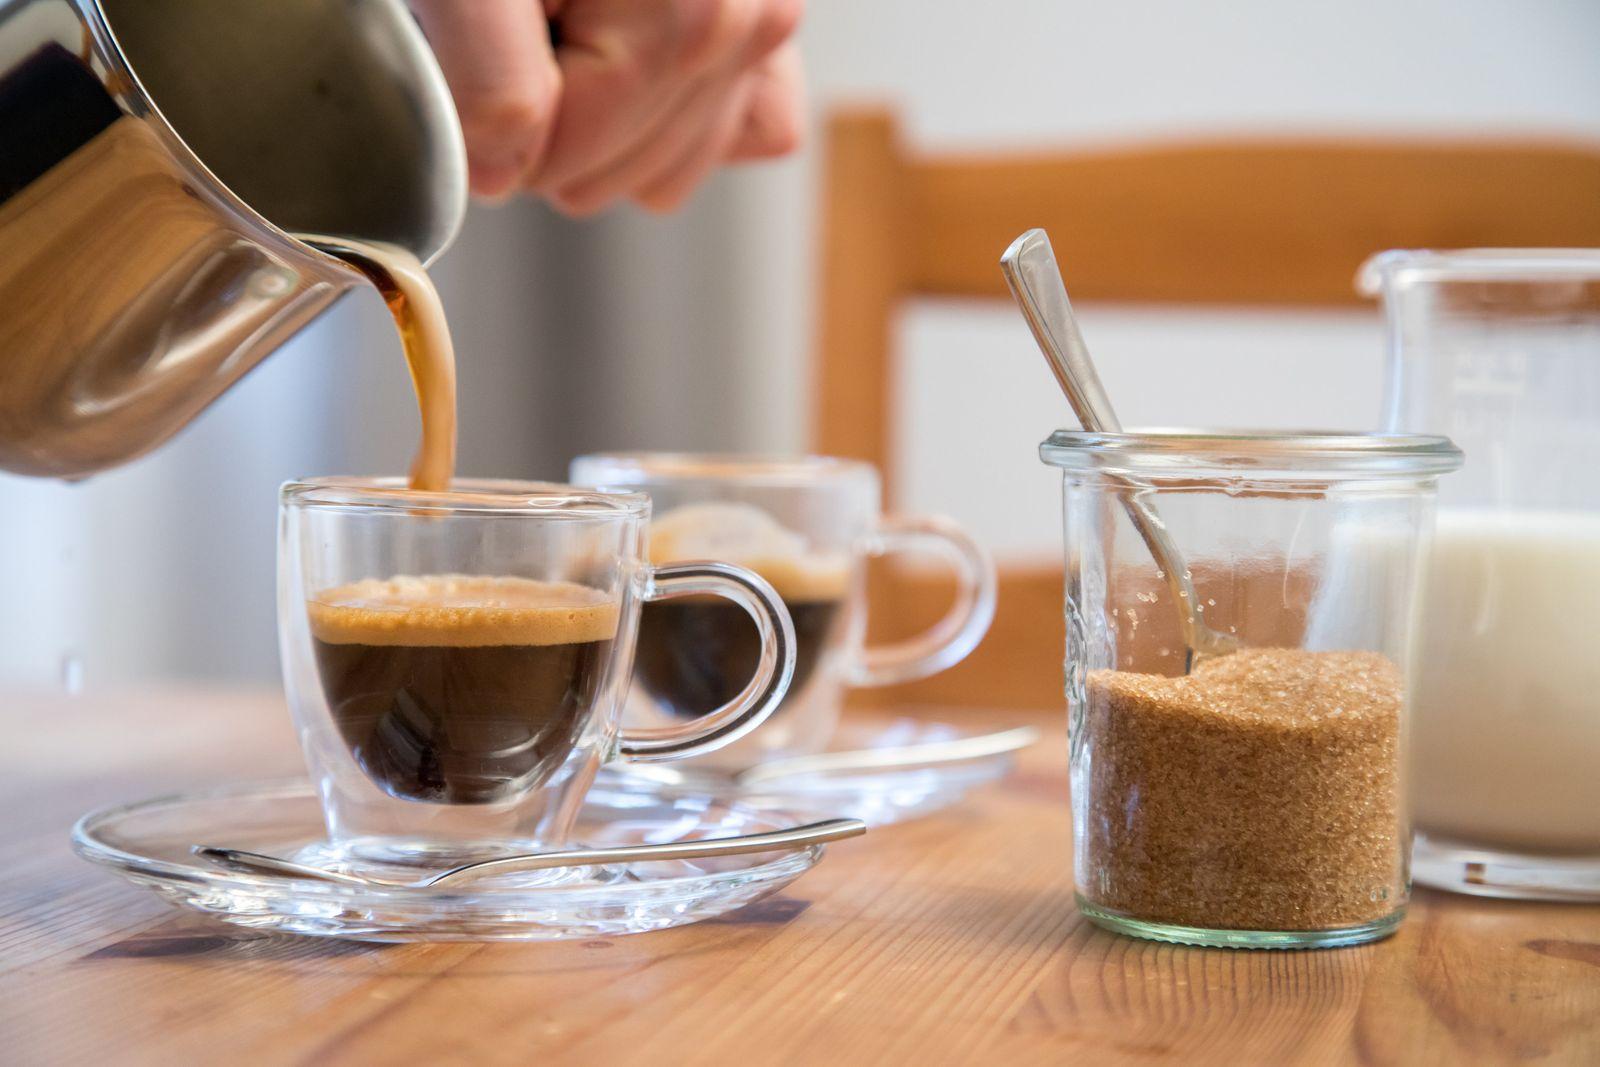 EINMALIGE VERWENDUNG Für Herz, Kreislauf und Leber -Ist Kaffee ein Wundermittel?